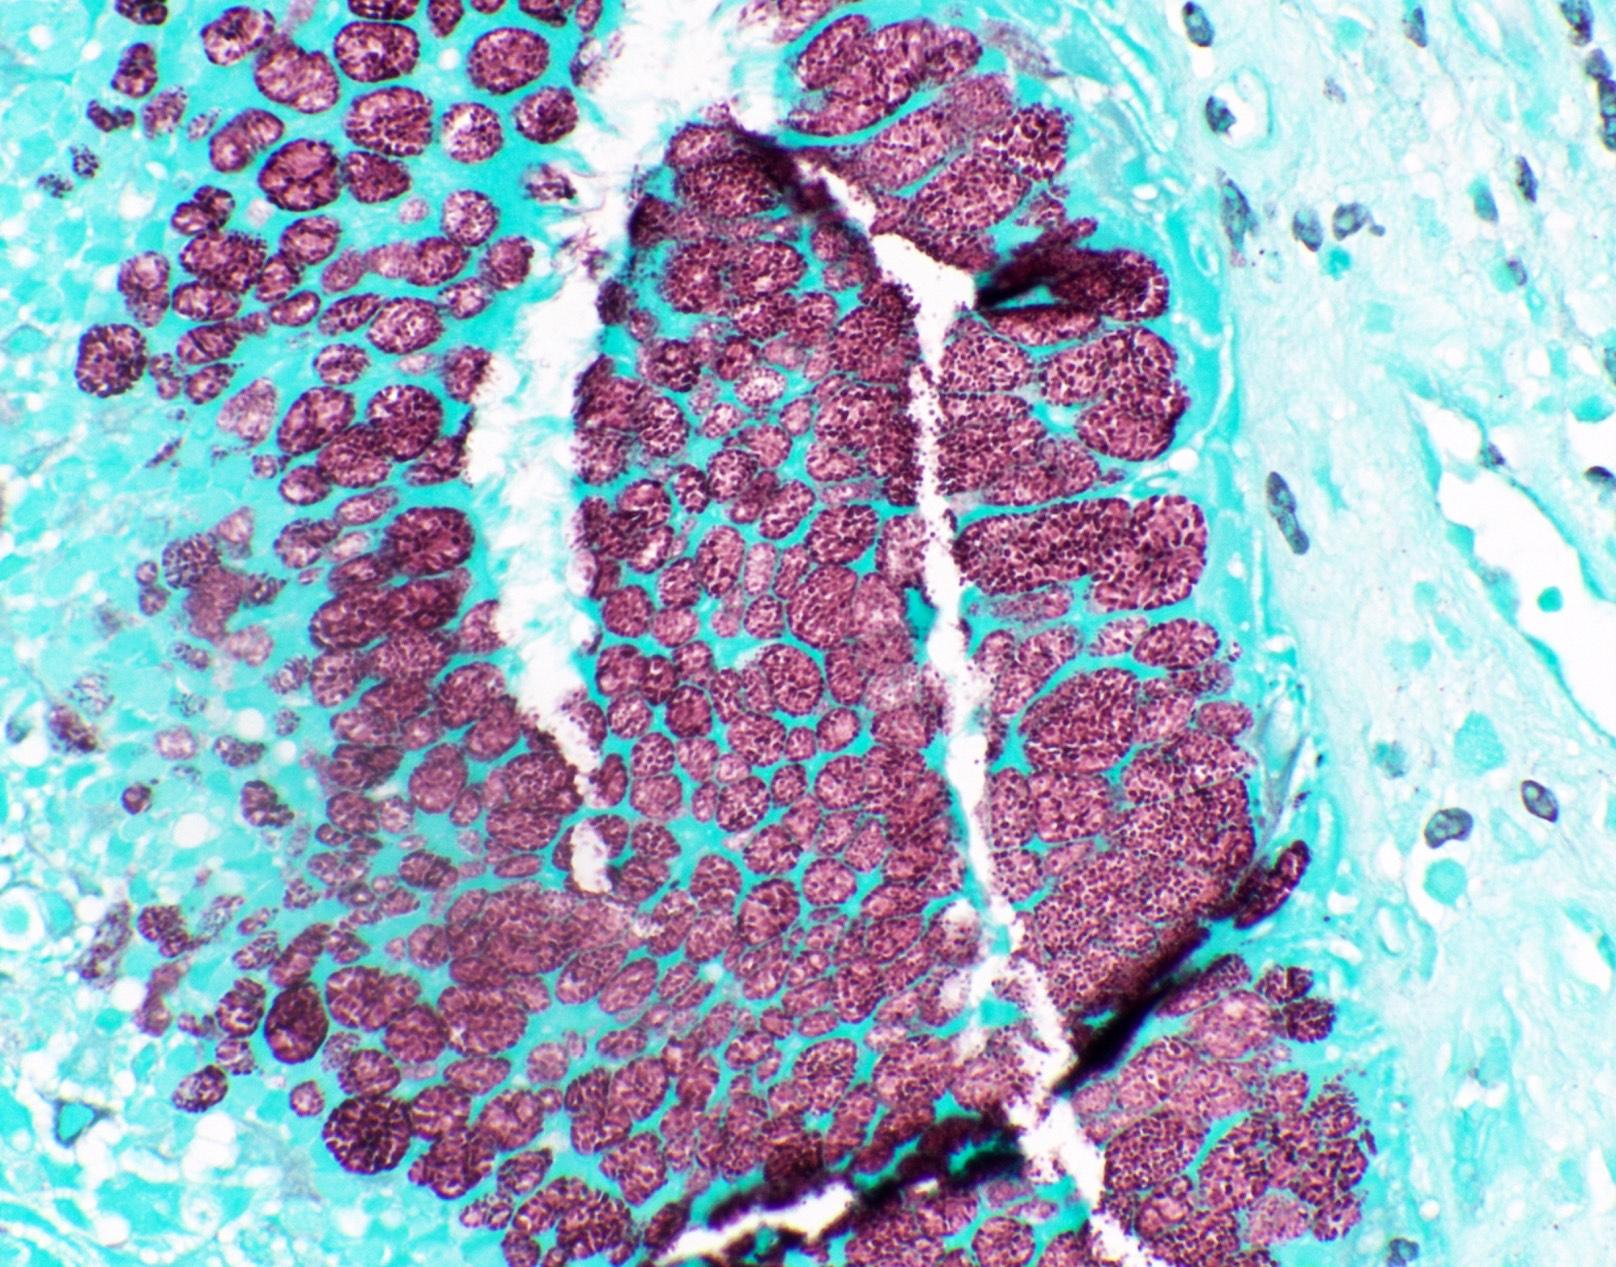 Cytoplasmic mucin